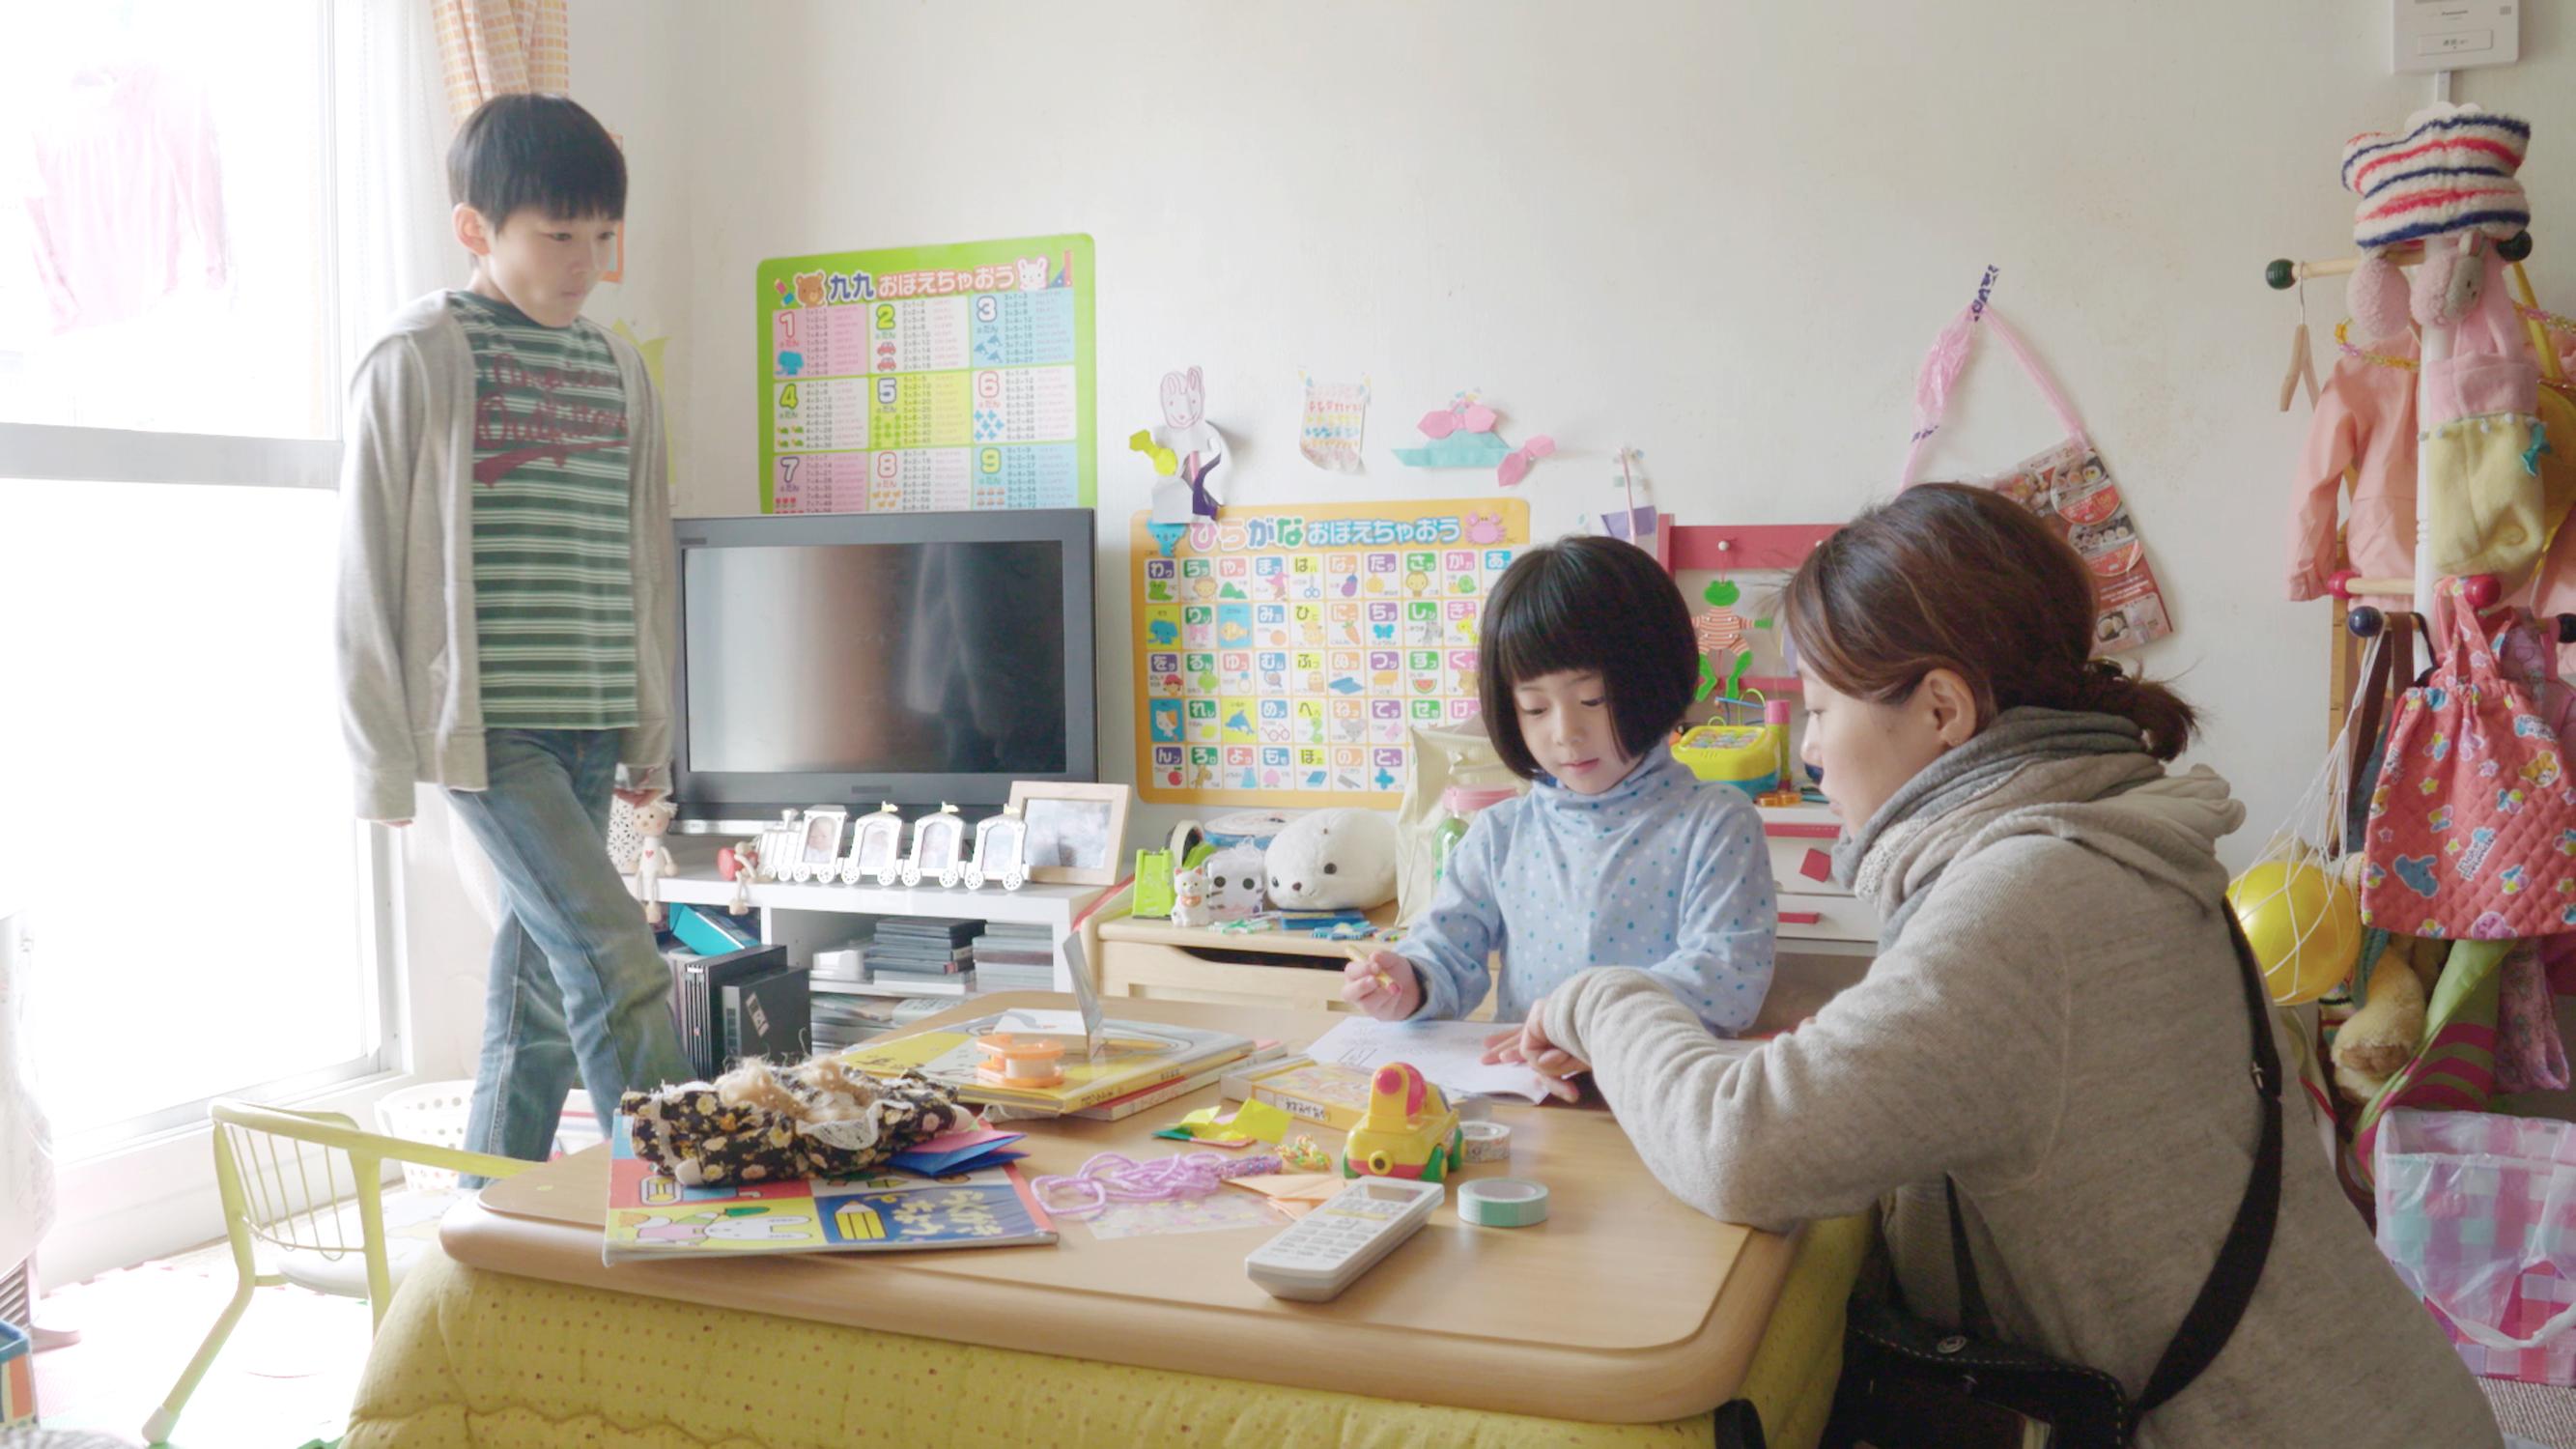 (在西川美和的鏡頭下,家庭具有特殊的連結與拉扯。圖為《漫長的藉口》拍攝現場,她指導小孩演戲。)